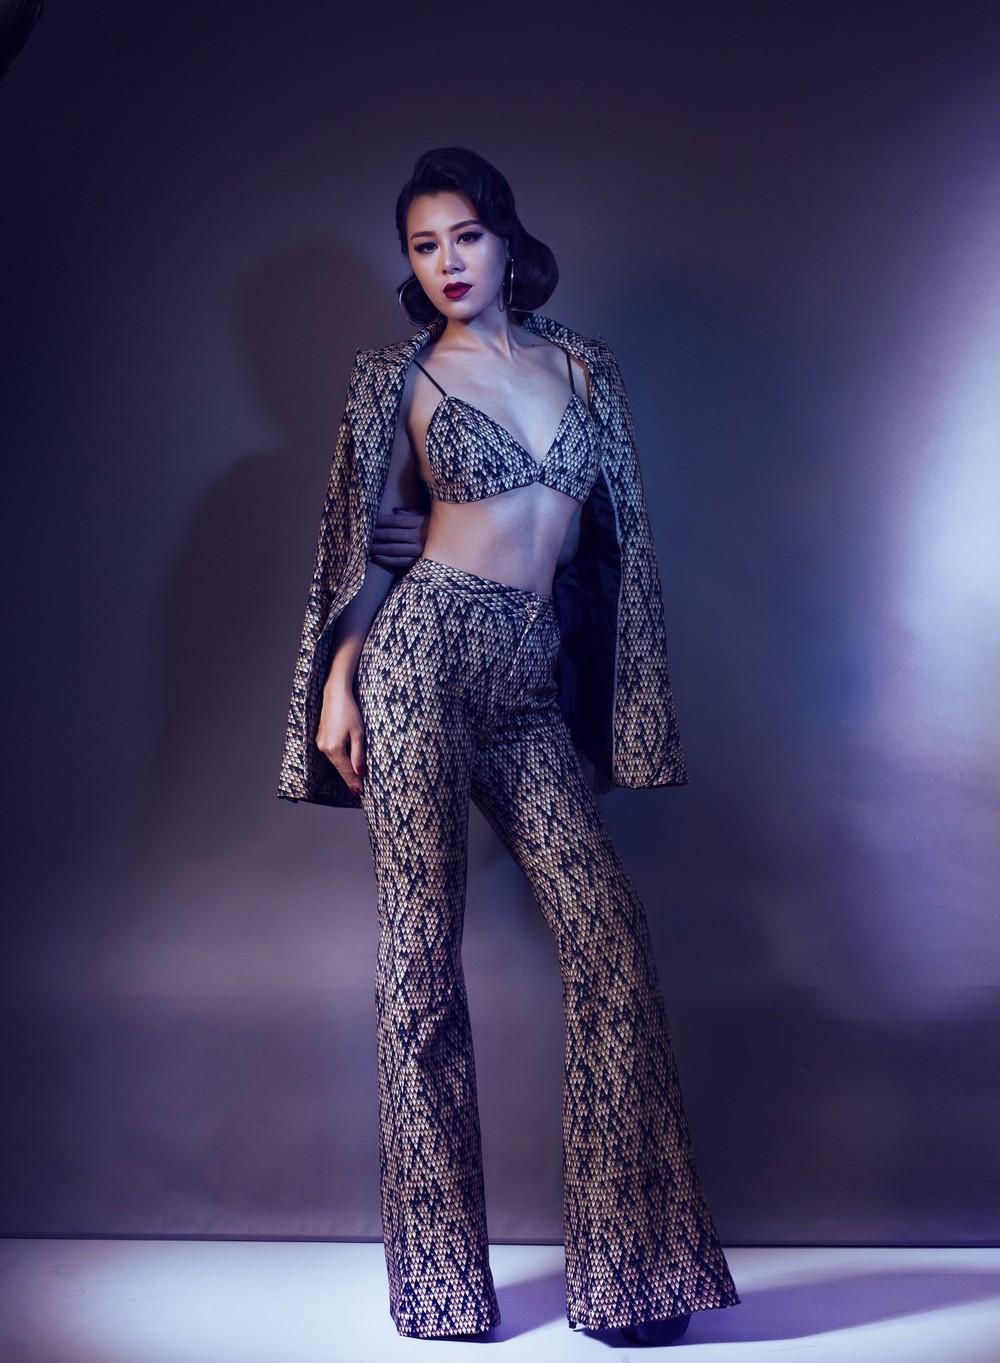 Loạt ảnh sexy, khoe thân quá đà của nữ MC thay thế Cát Tường dẫn Bạn muốn hẹn hò - Ảnh 3.